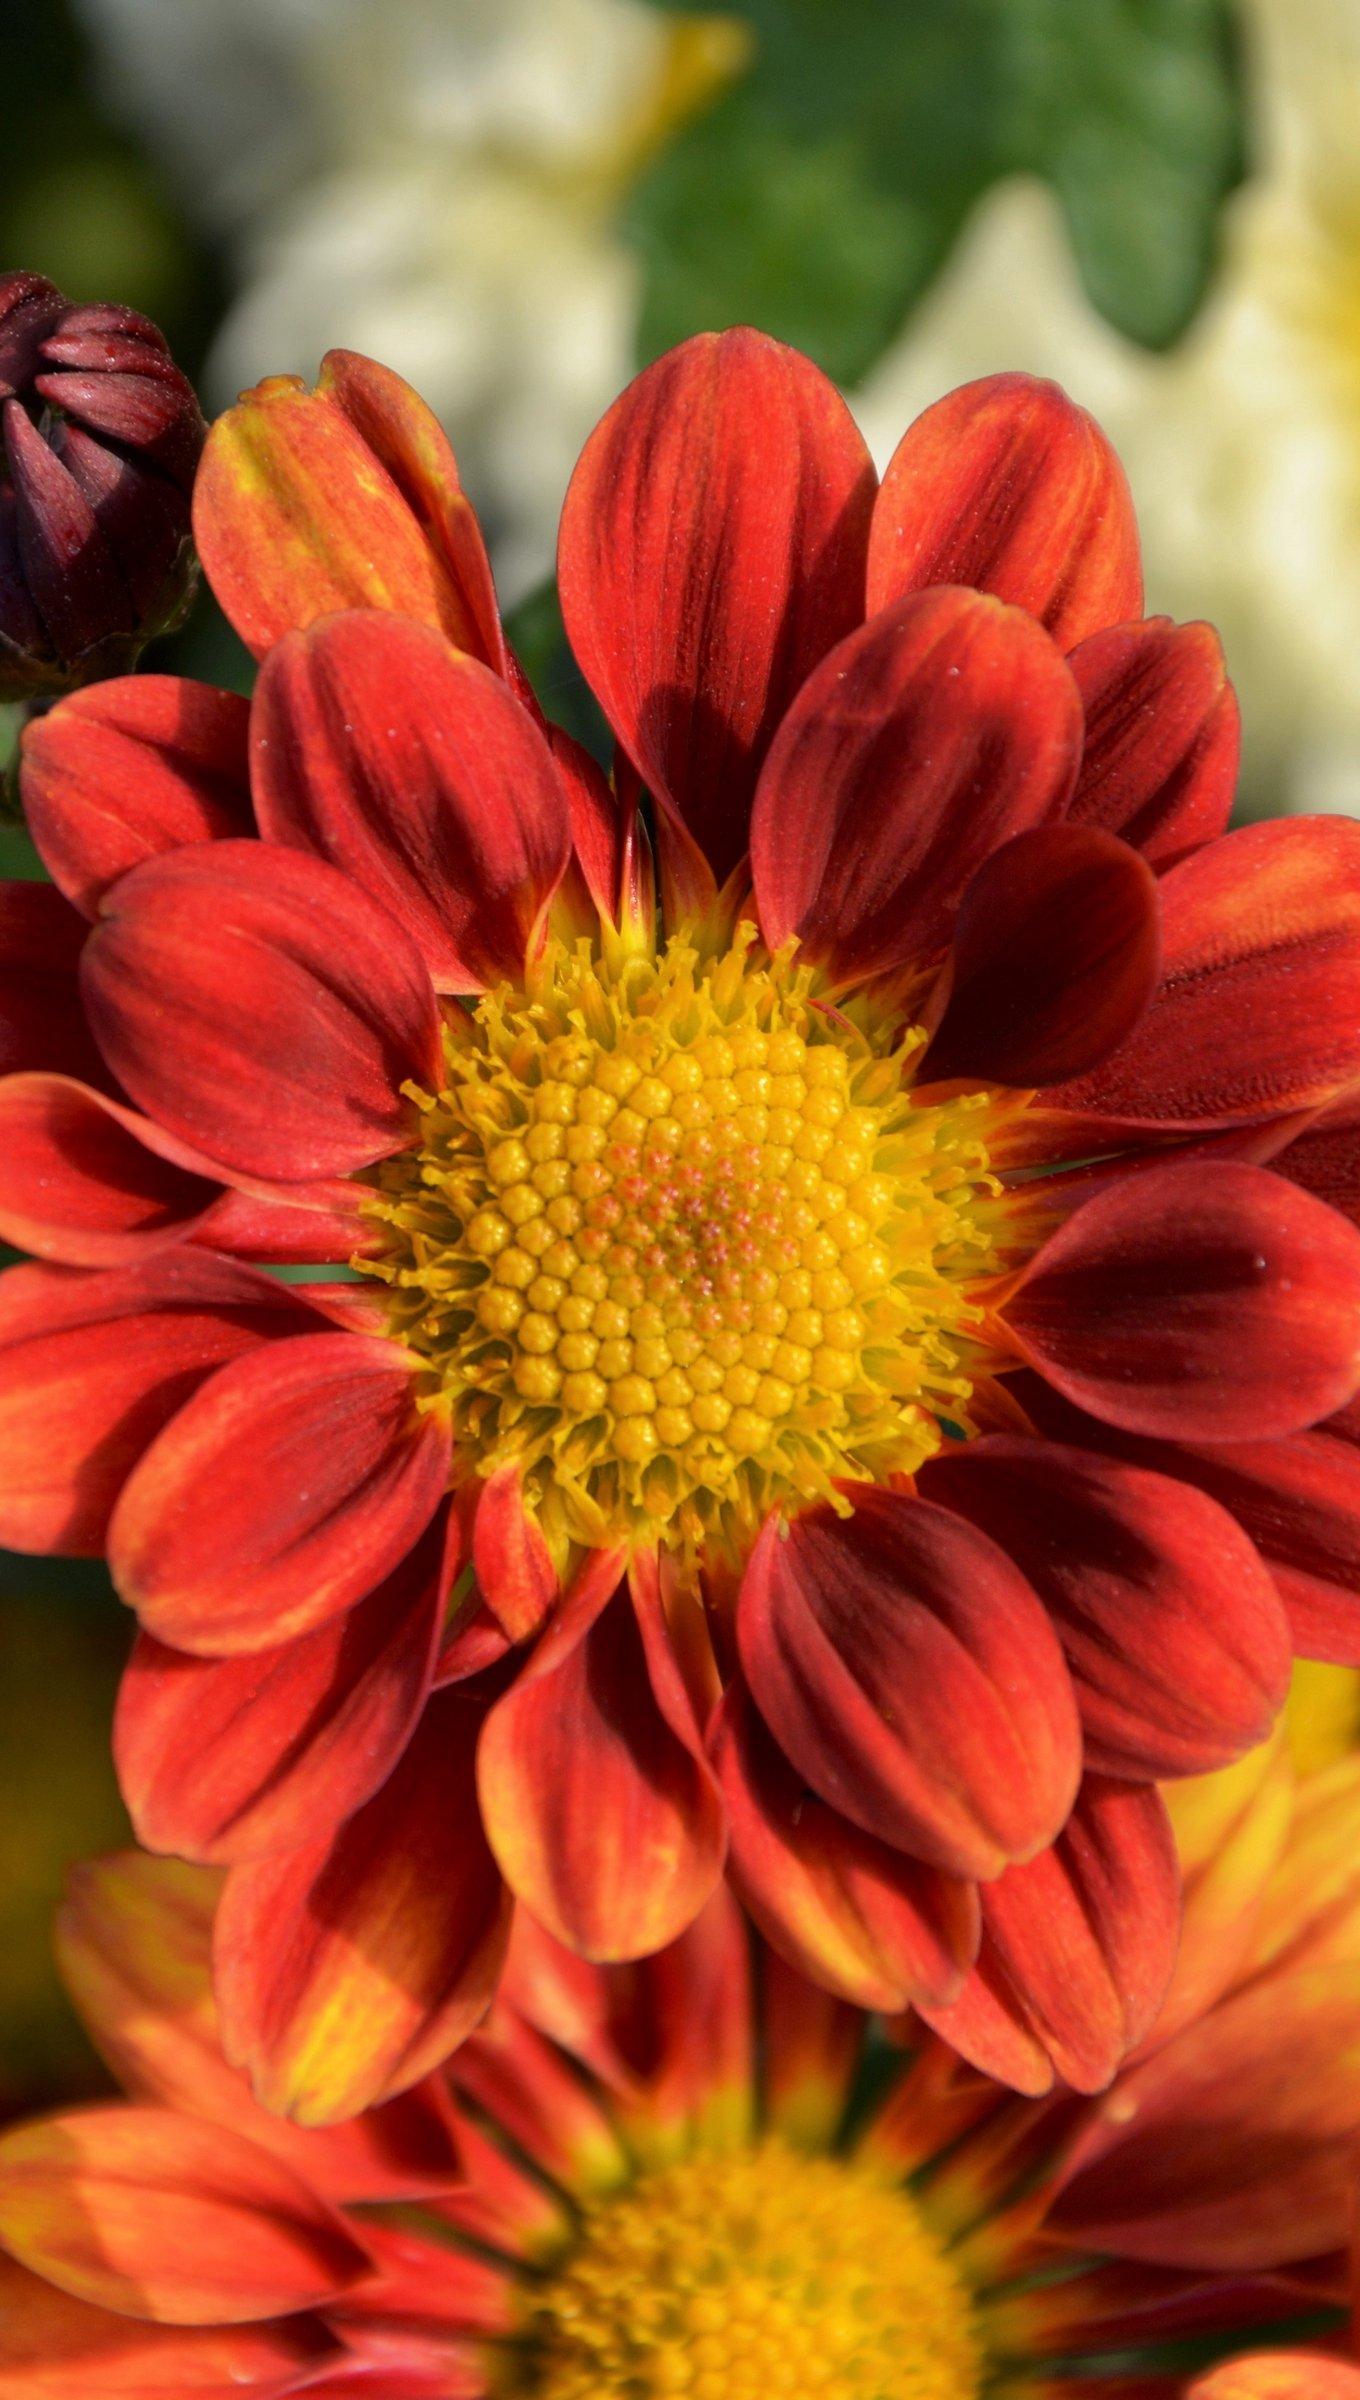 Fondos de pantalla Flores Crisantemos Vertical